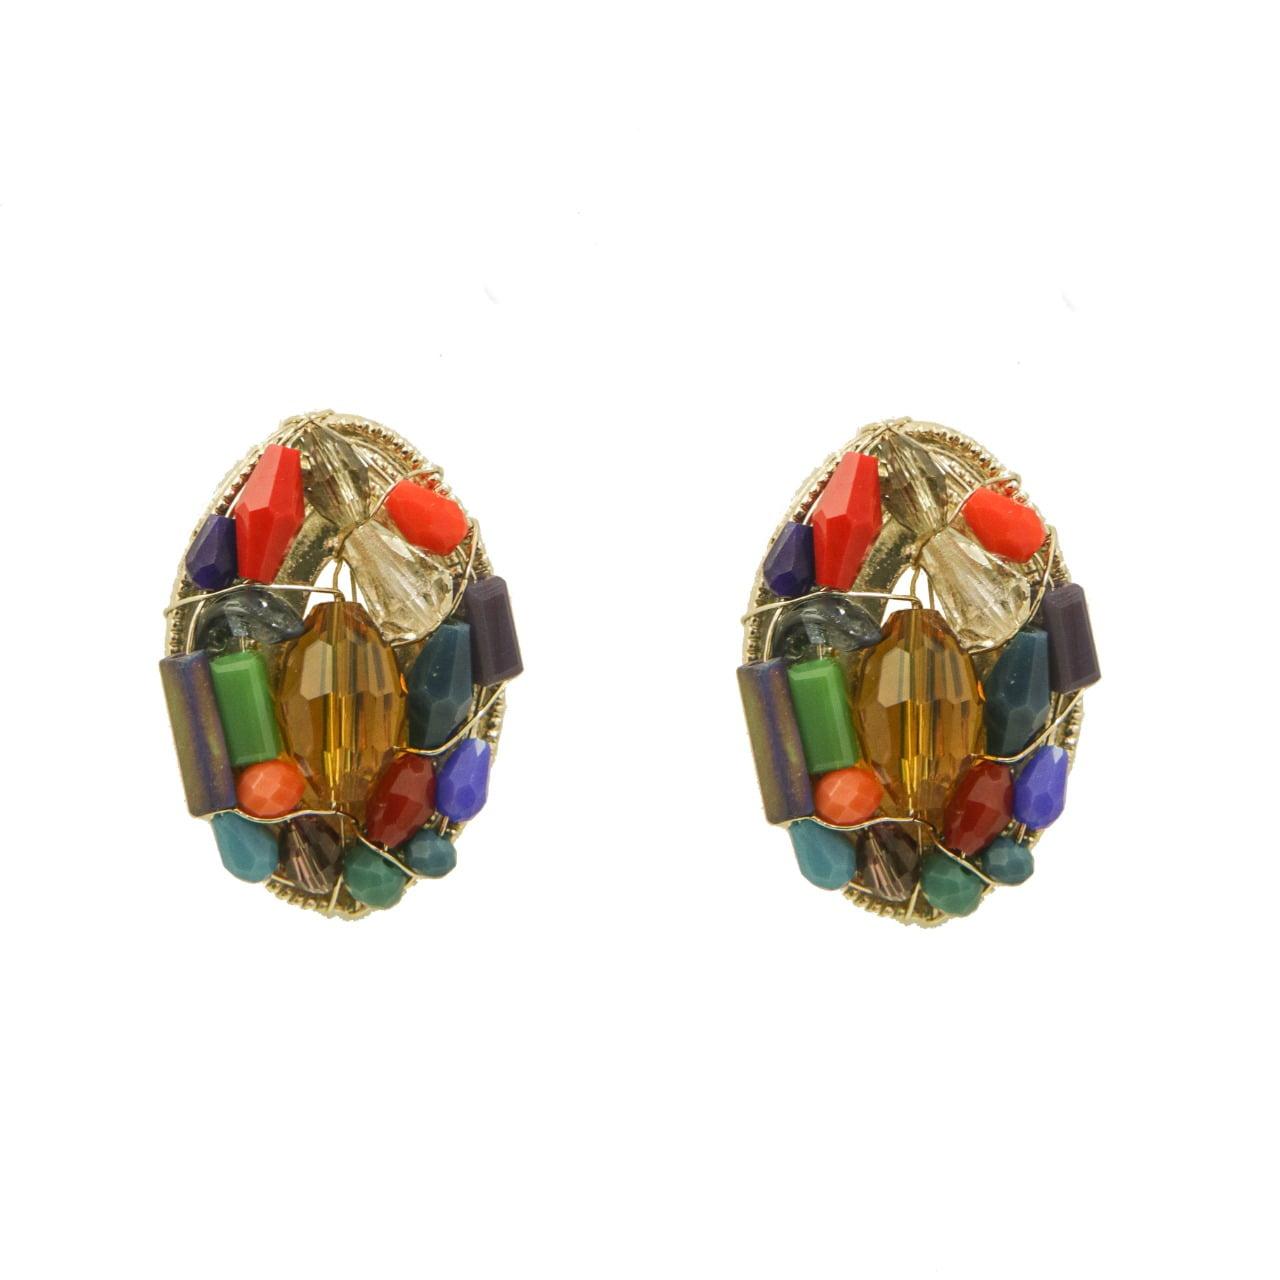 Brinco bordado com cristais coloridos folheado em ouro 18k - B3C0087